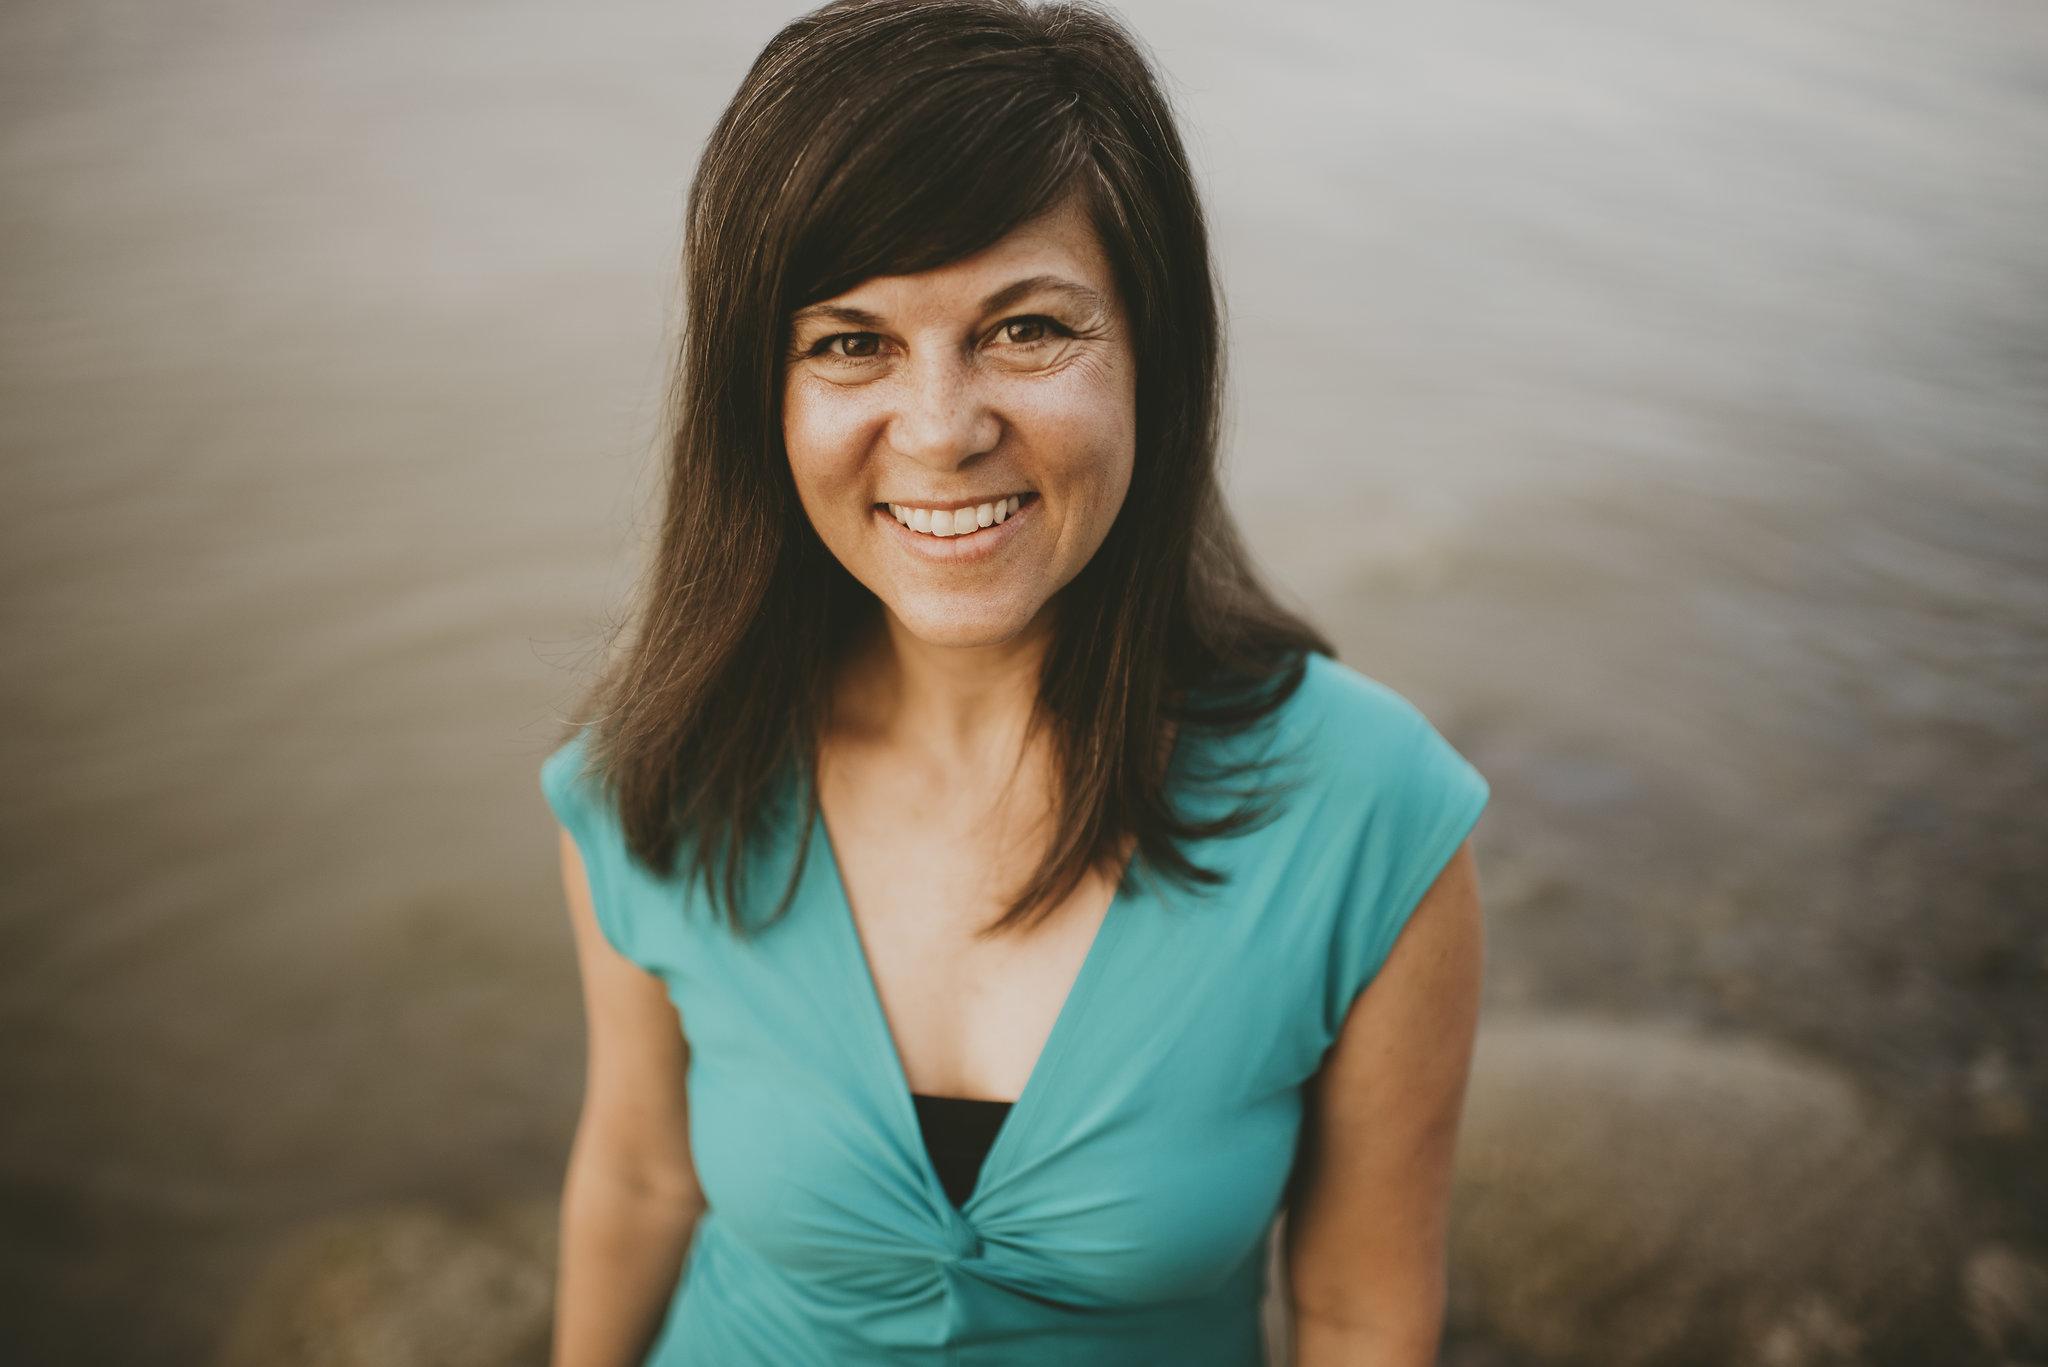 Dr. Shannon Larson